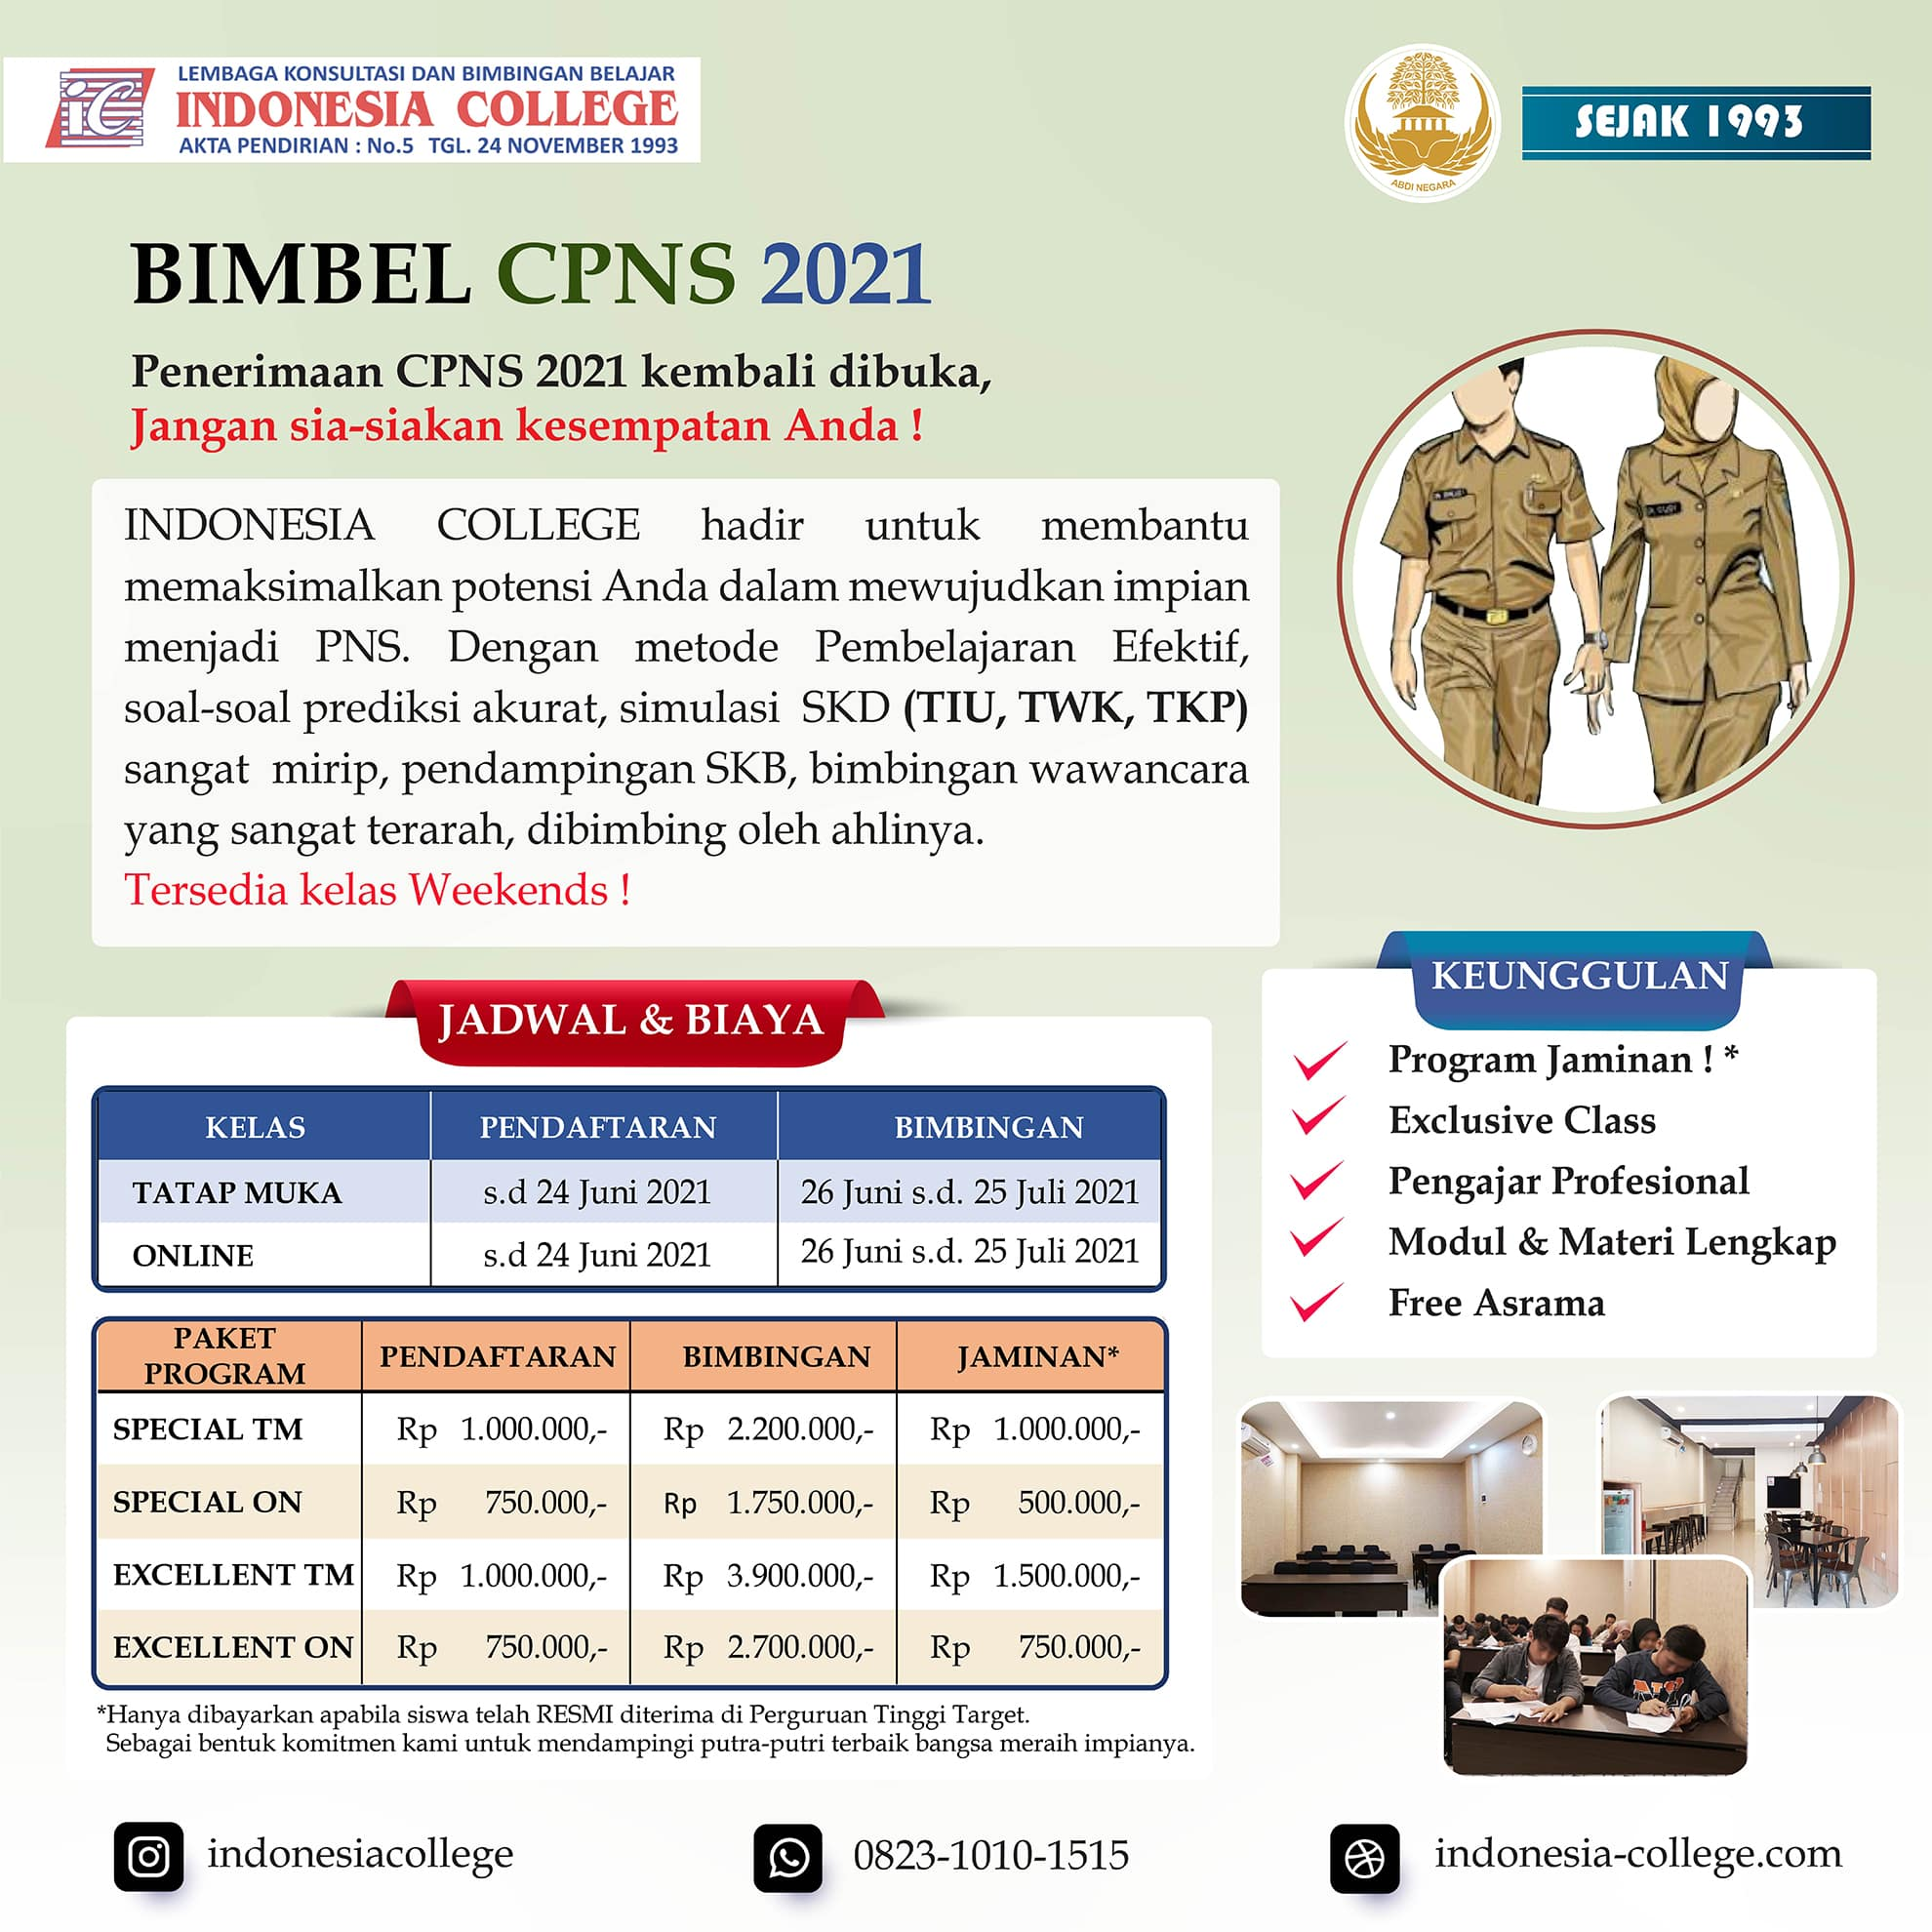 Bimbel CPNS